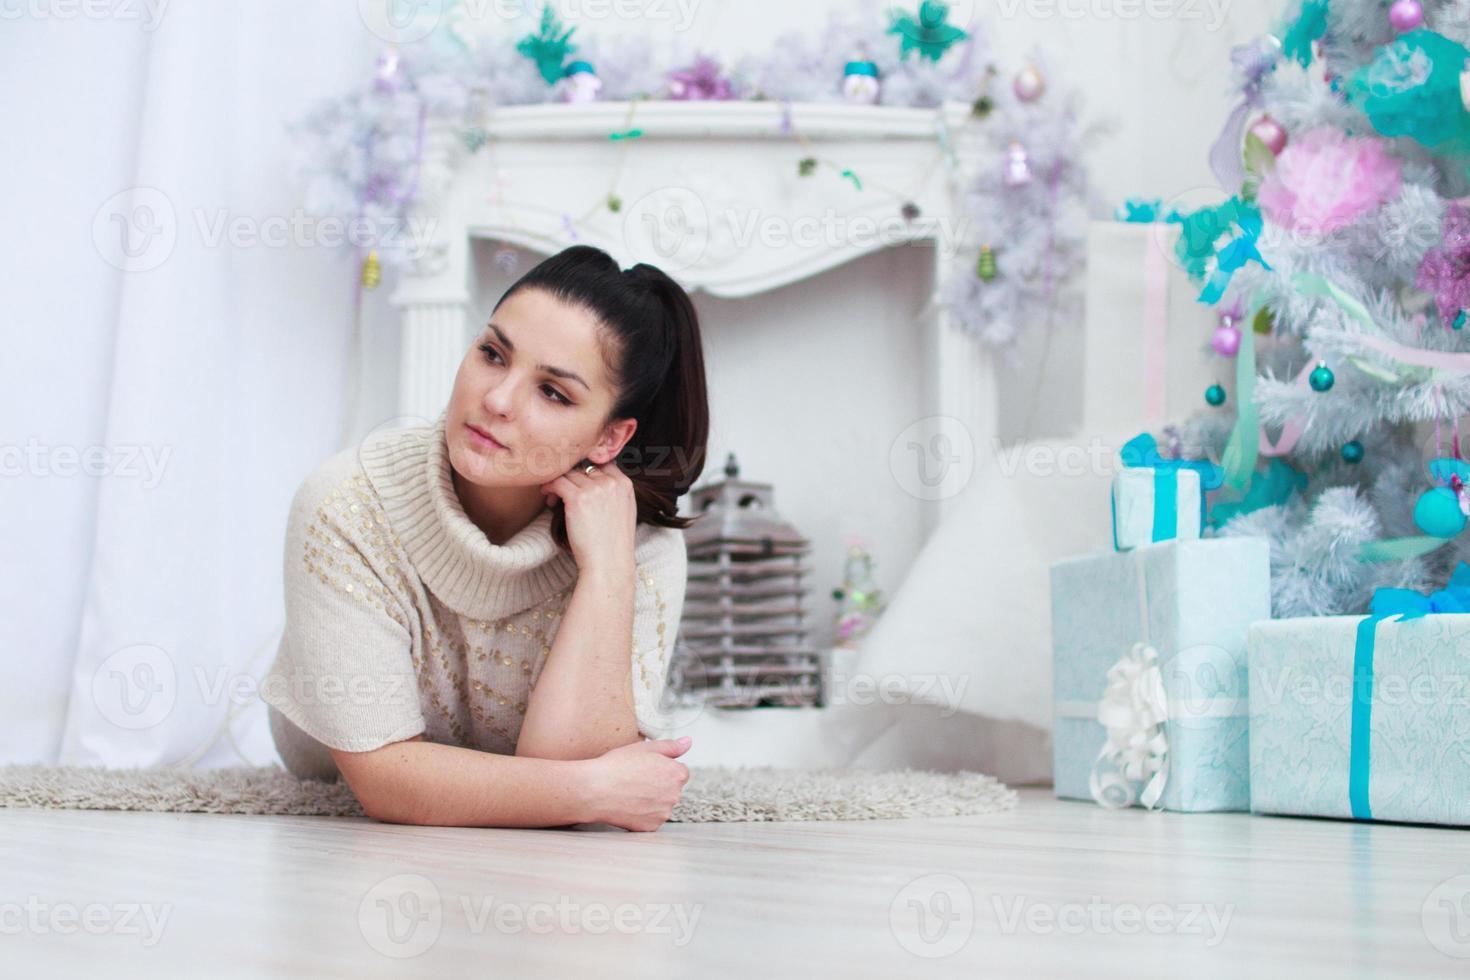 ragazza sdraiata vicino a un albero di natale bianco con doni foto